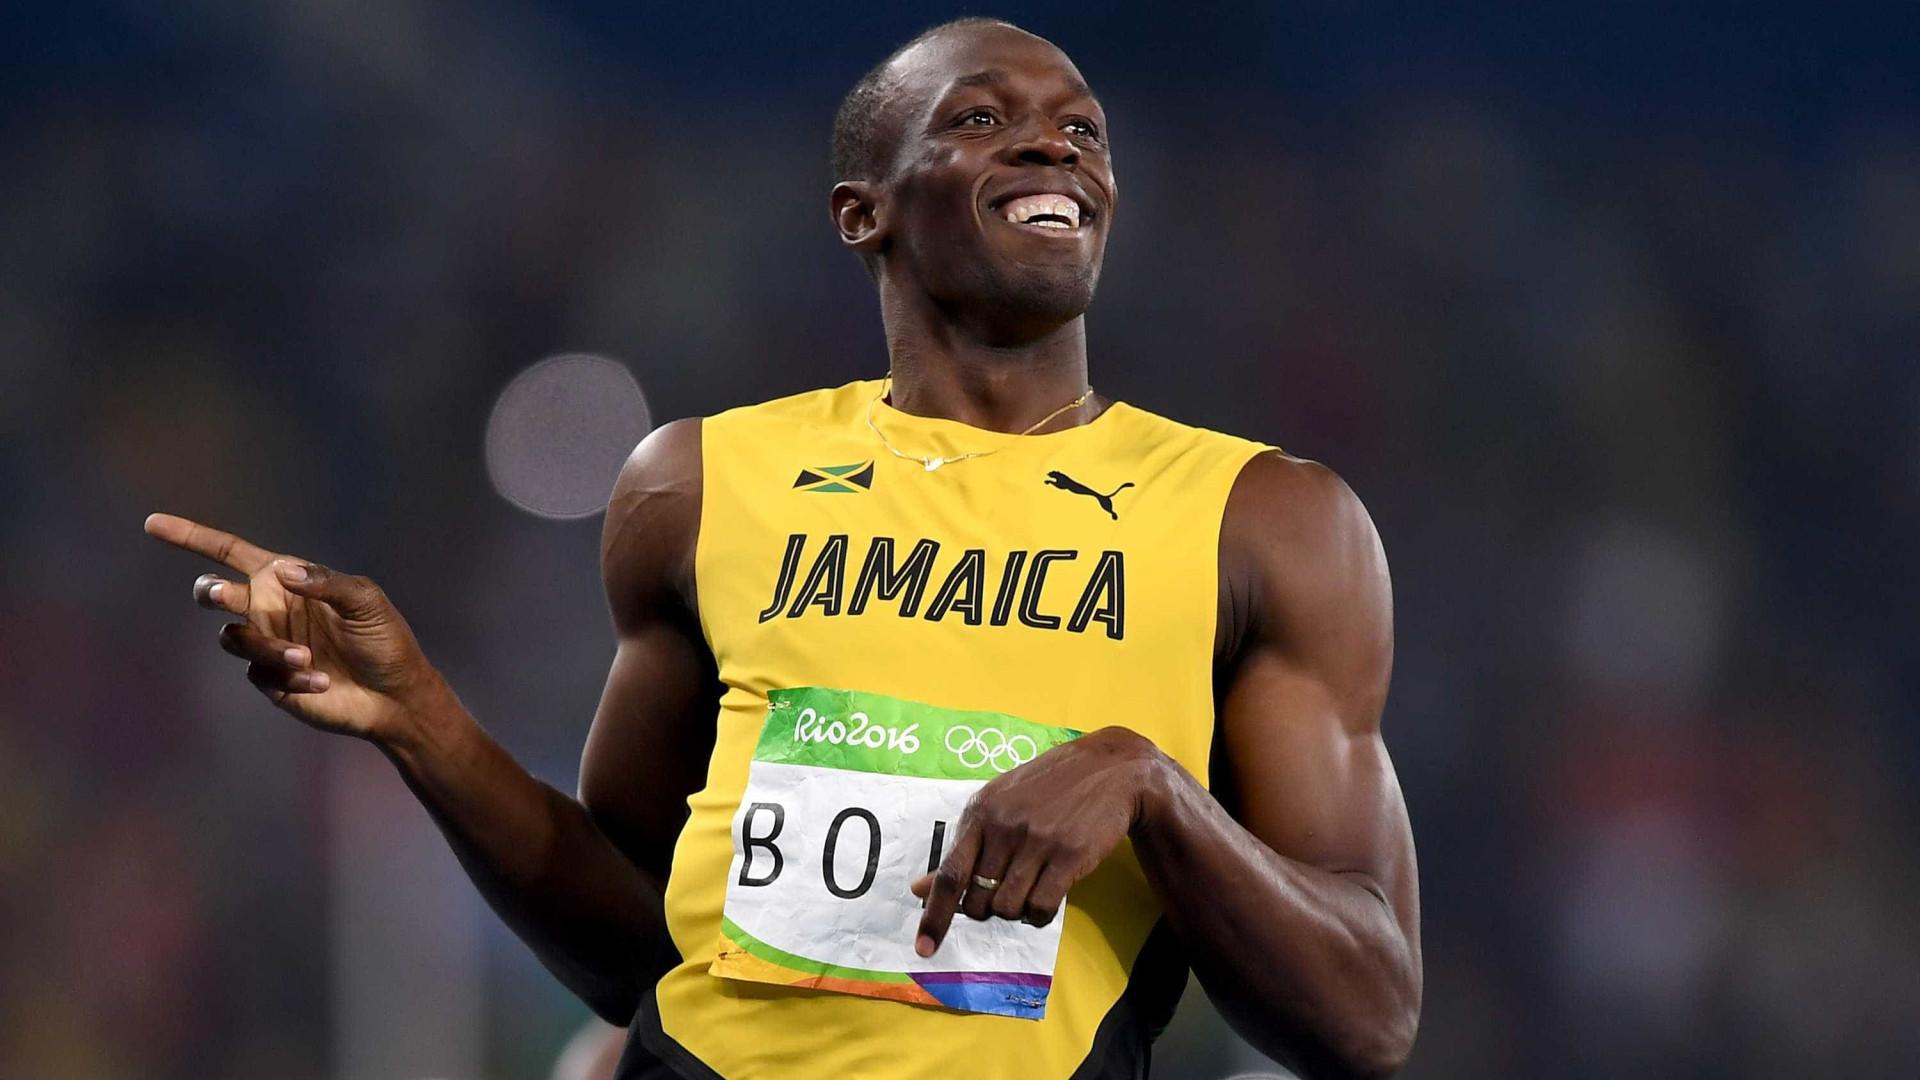 Aos 31 anos, Bolt revela que vai fazer teste no Borussia Dortmund